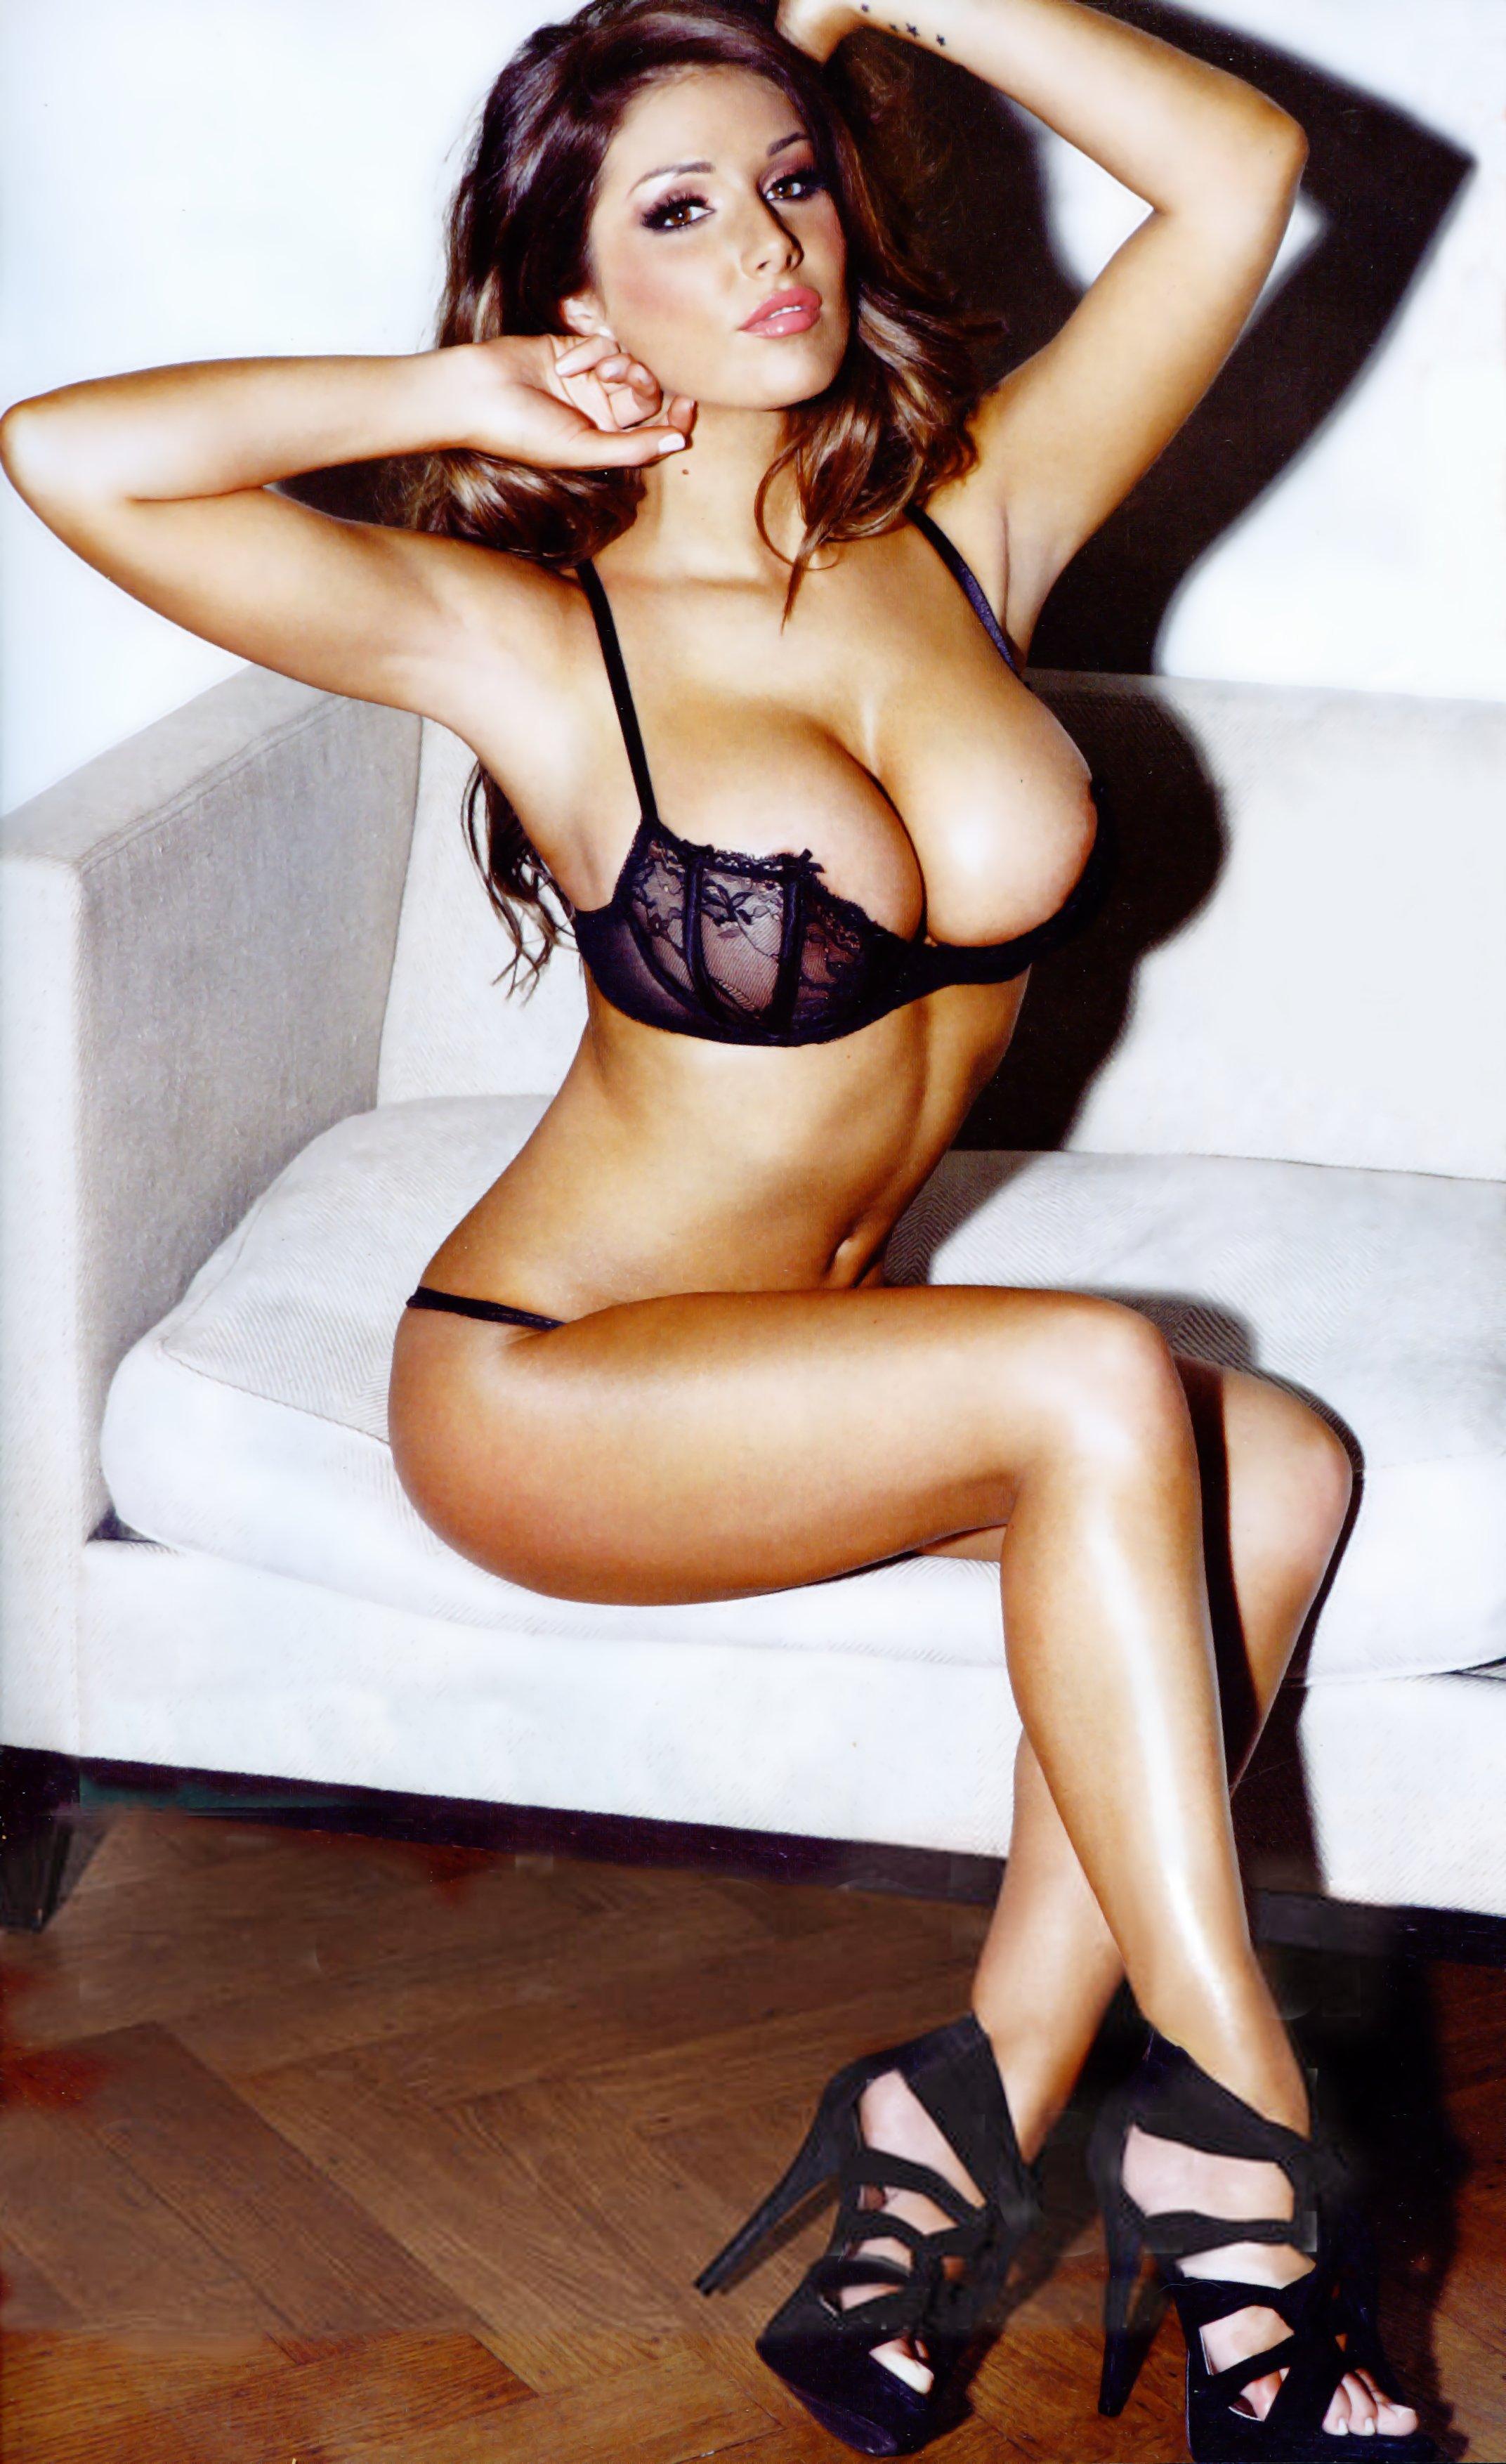 Сексуальная девушка фото 14 фотография